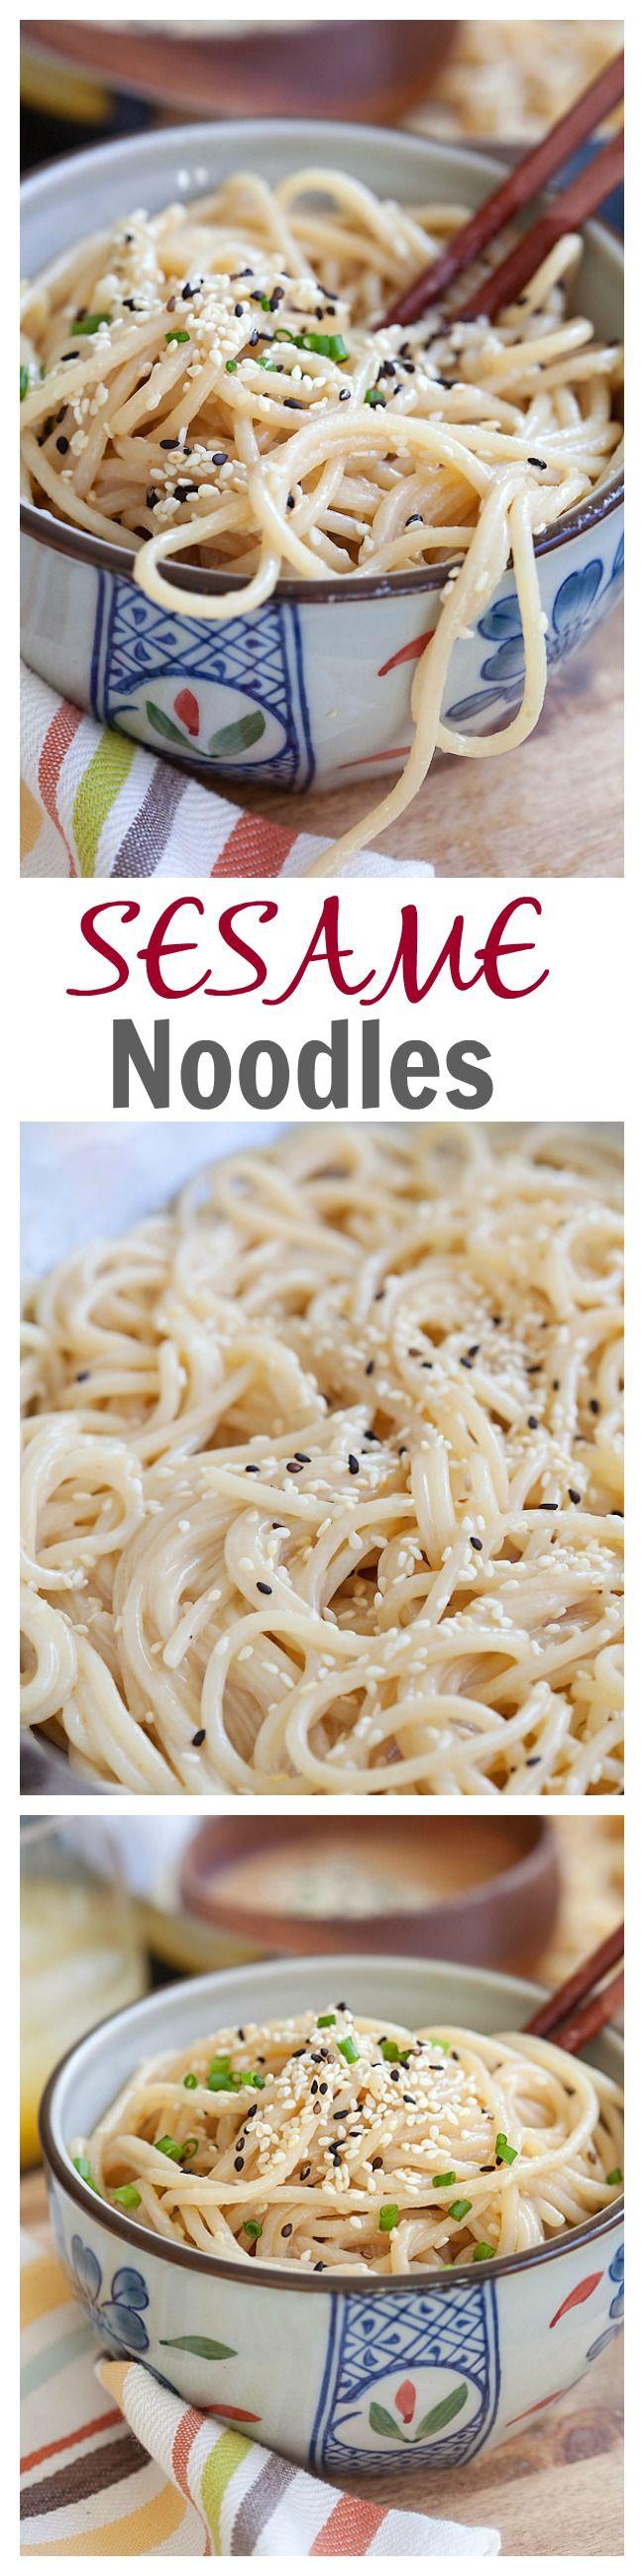 Sesame Noodles | Recipe | Kelp noodles, Sesame noodles and Red peppers